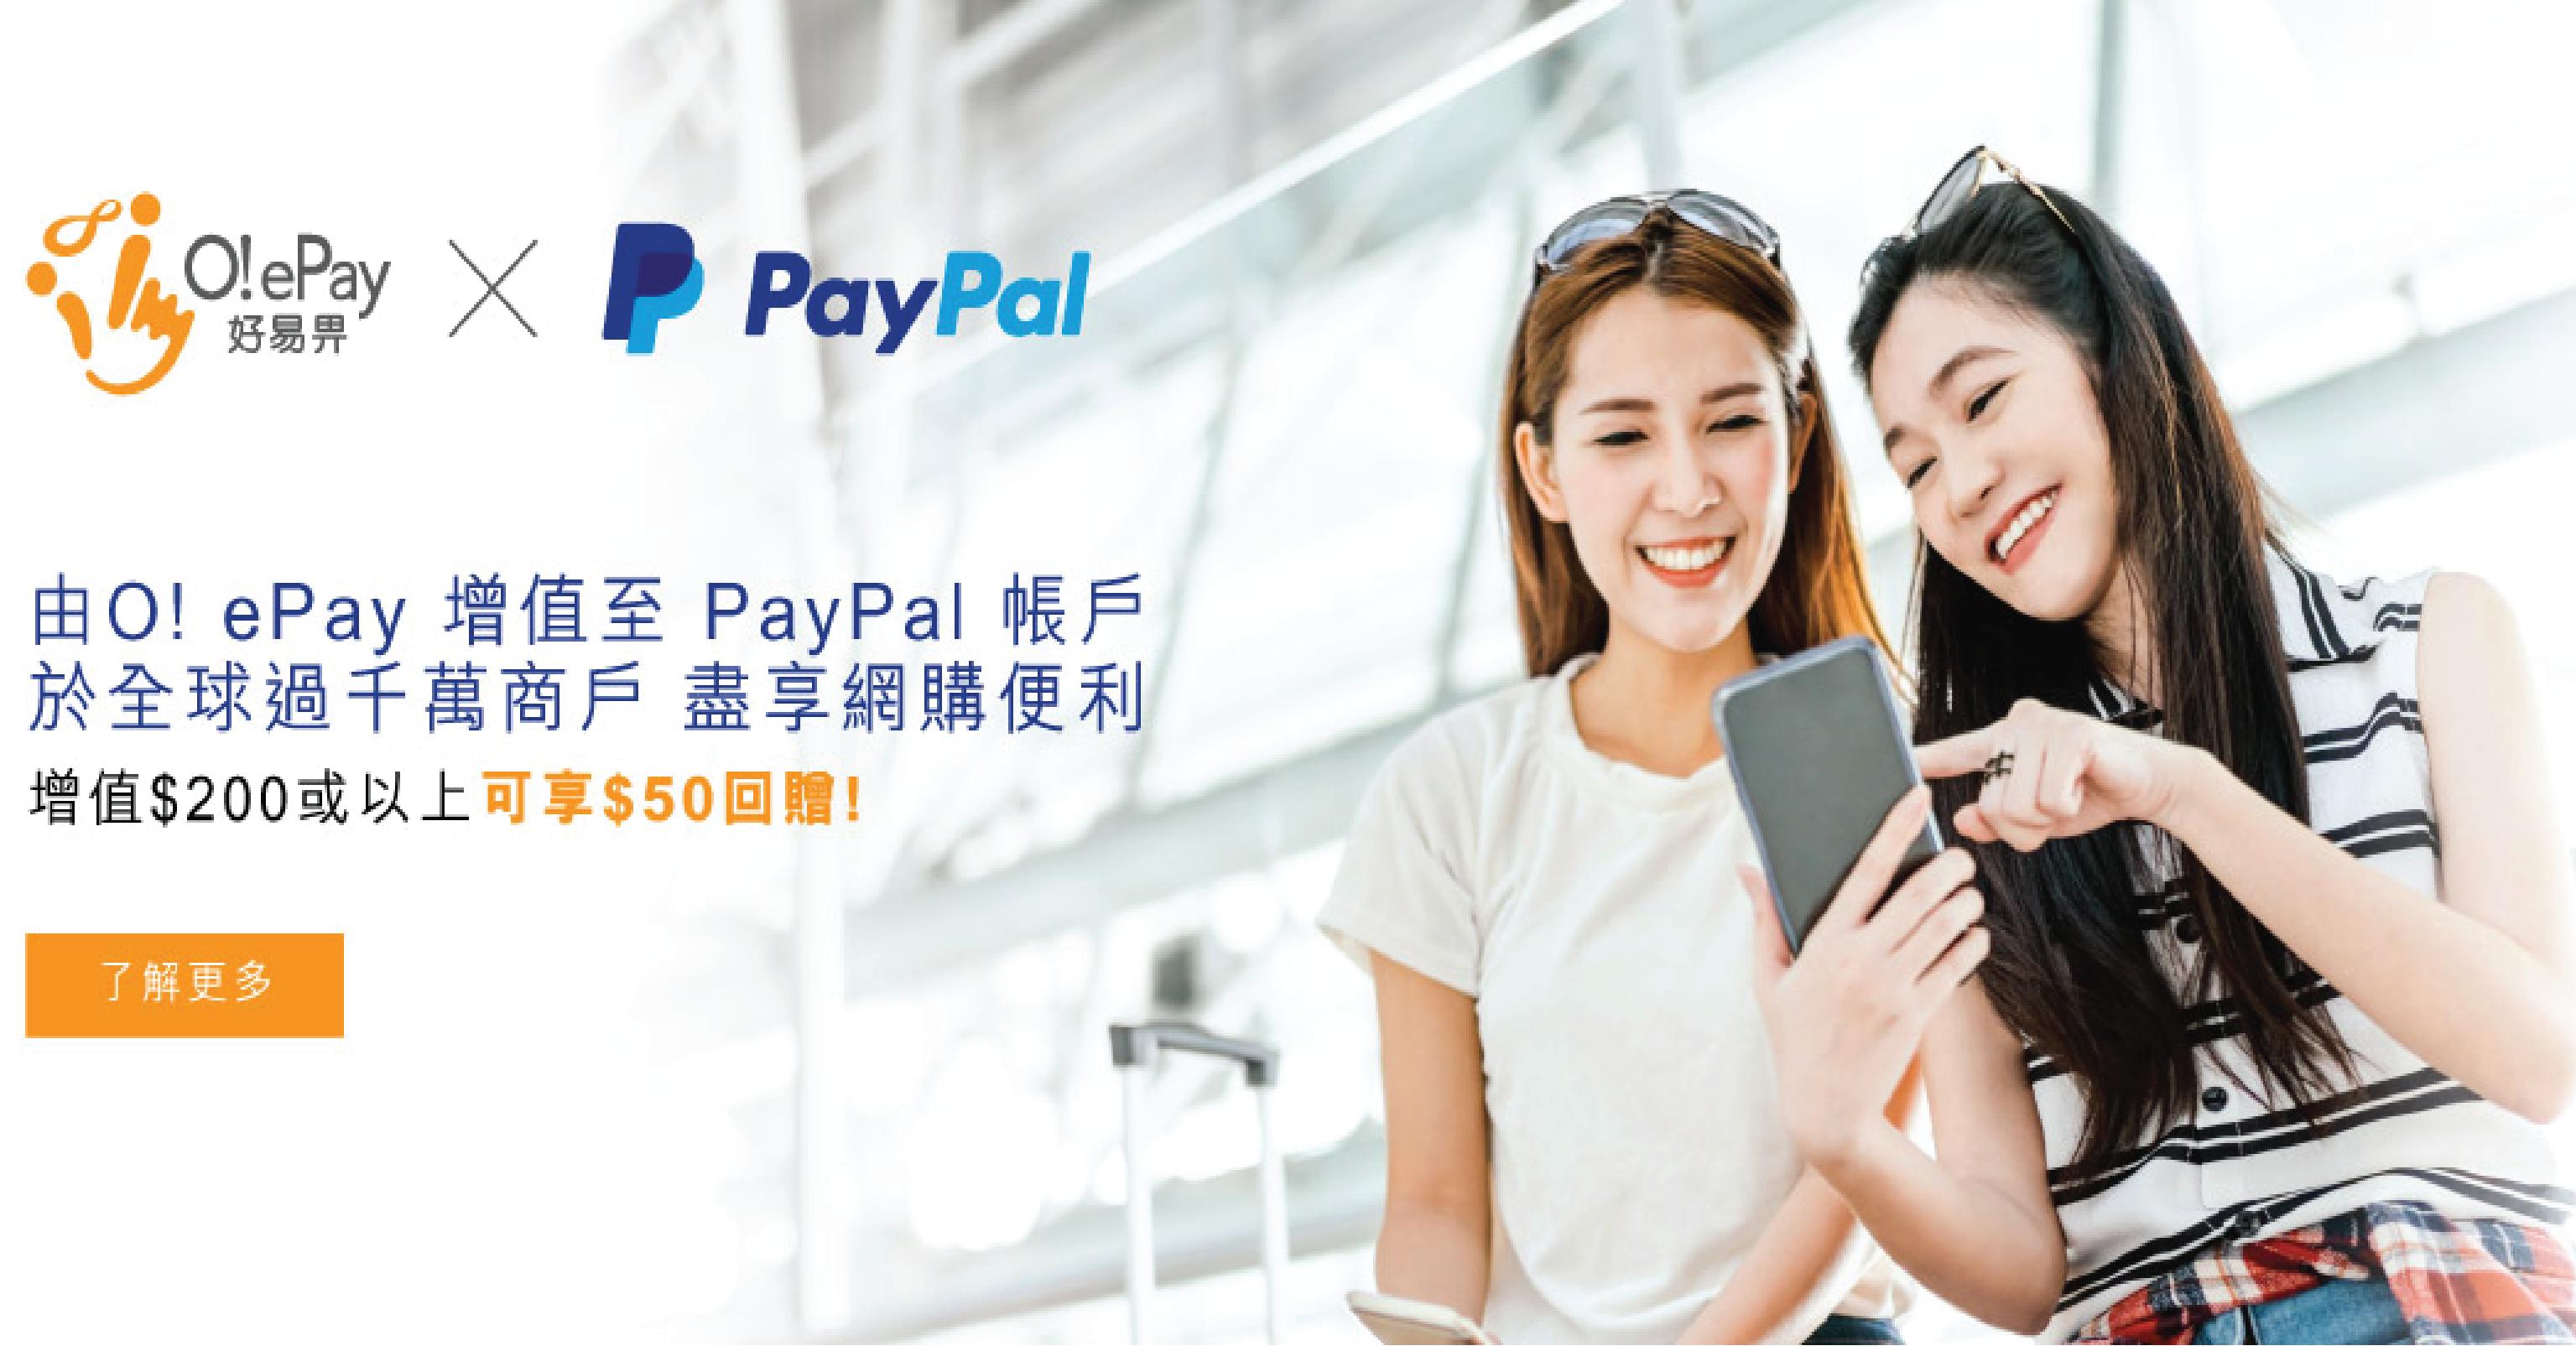 玩八達通自動增值 (O! ePay好易畀) 既人有福了!宜家可以免費轉錢落PayPal!仲有$50回贈添呀!